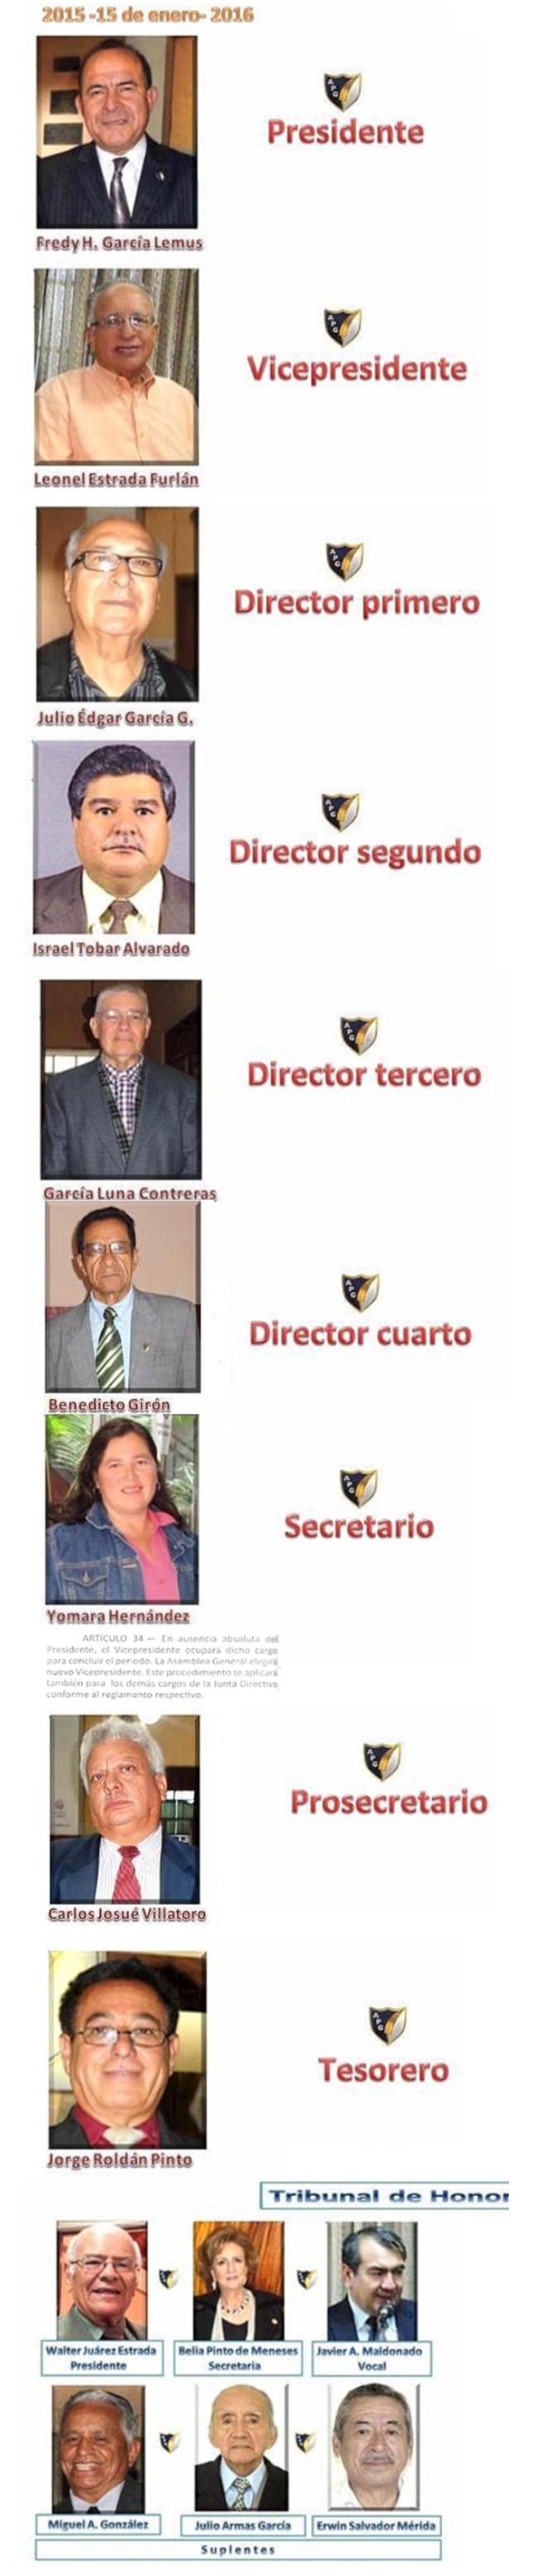 DIRECTICOS 2015 SB AL 27012015